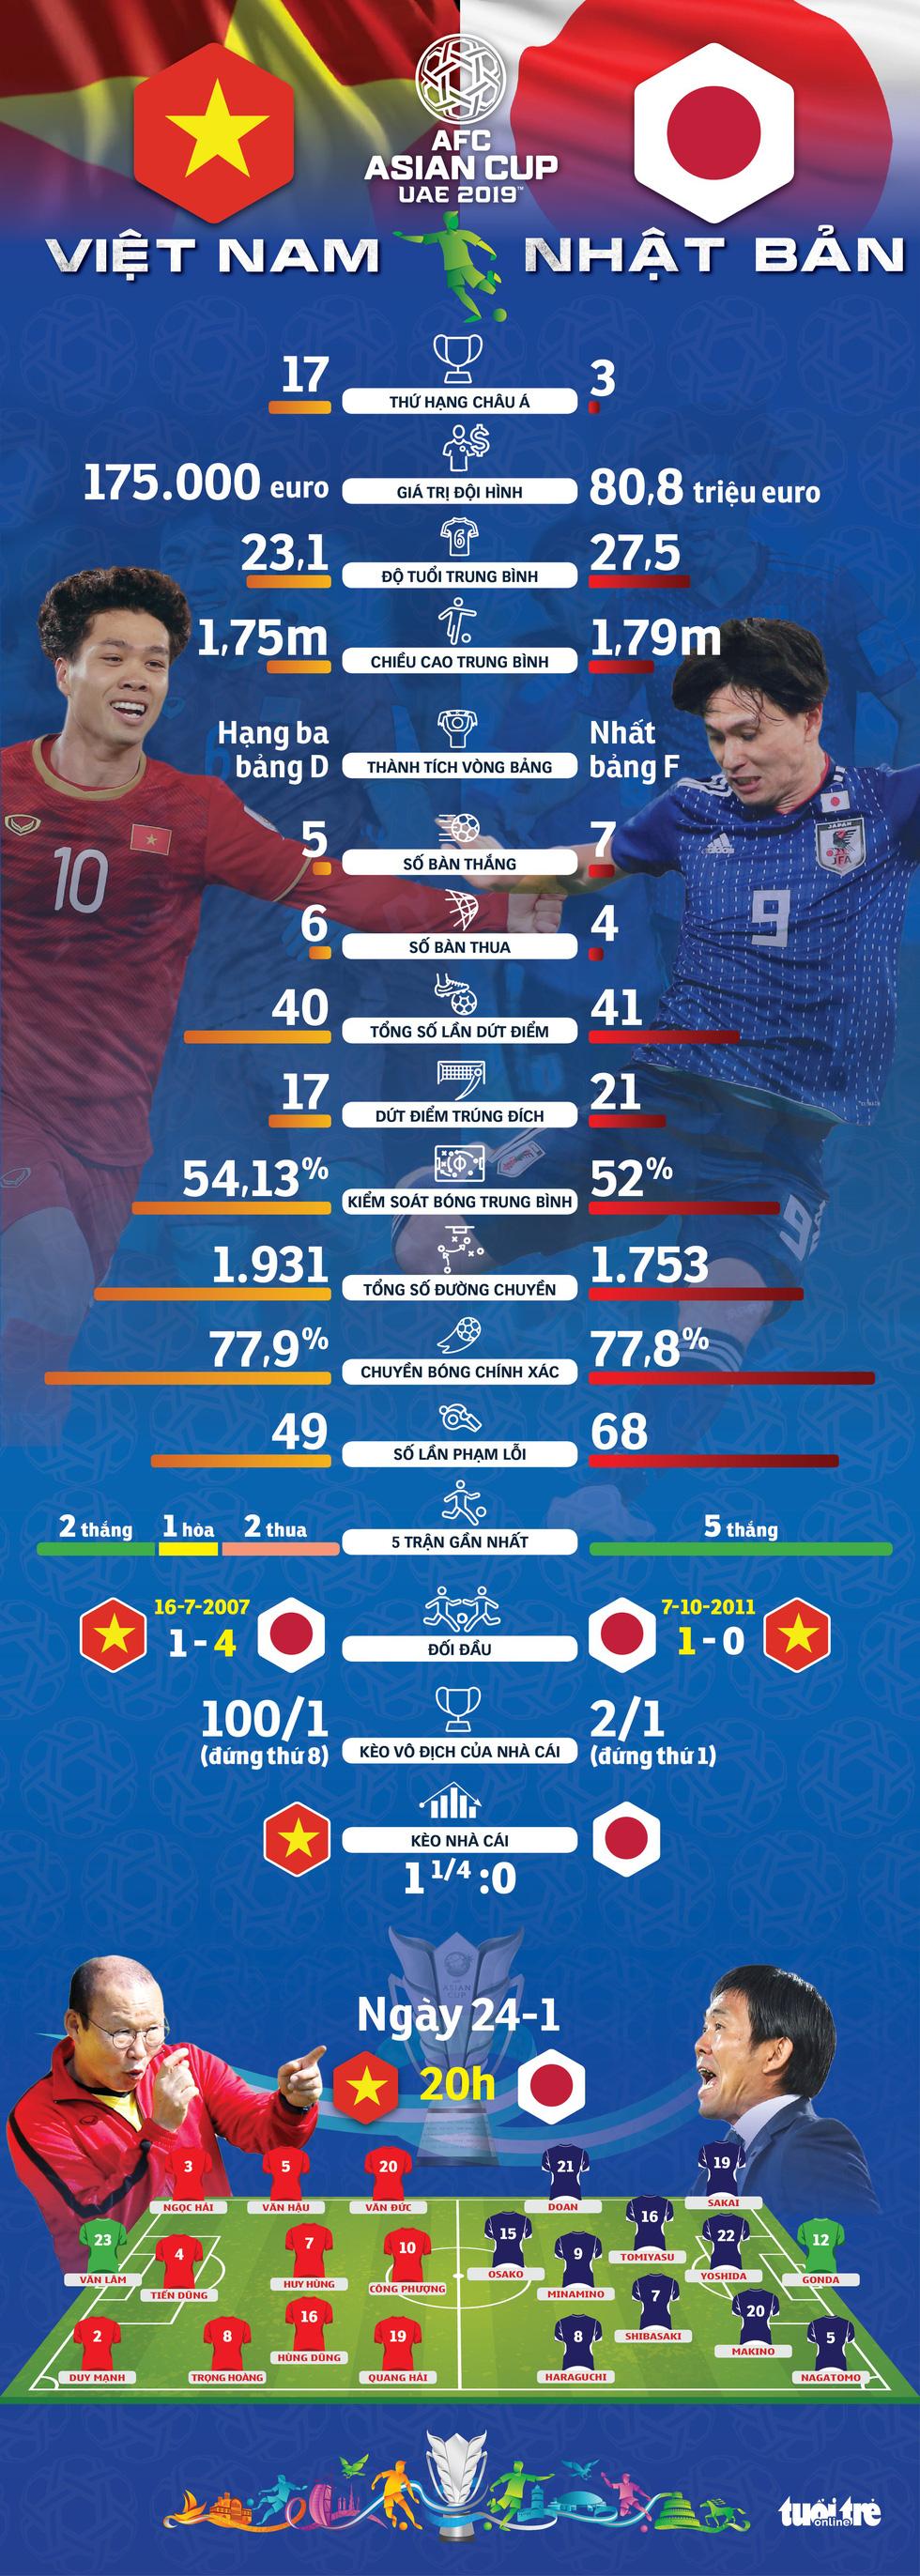 Infographic: Nhật Bản không quá vượt trội so với Việt Nam - Ảnh 1.